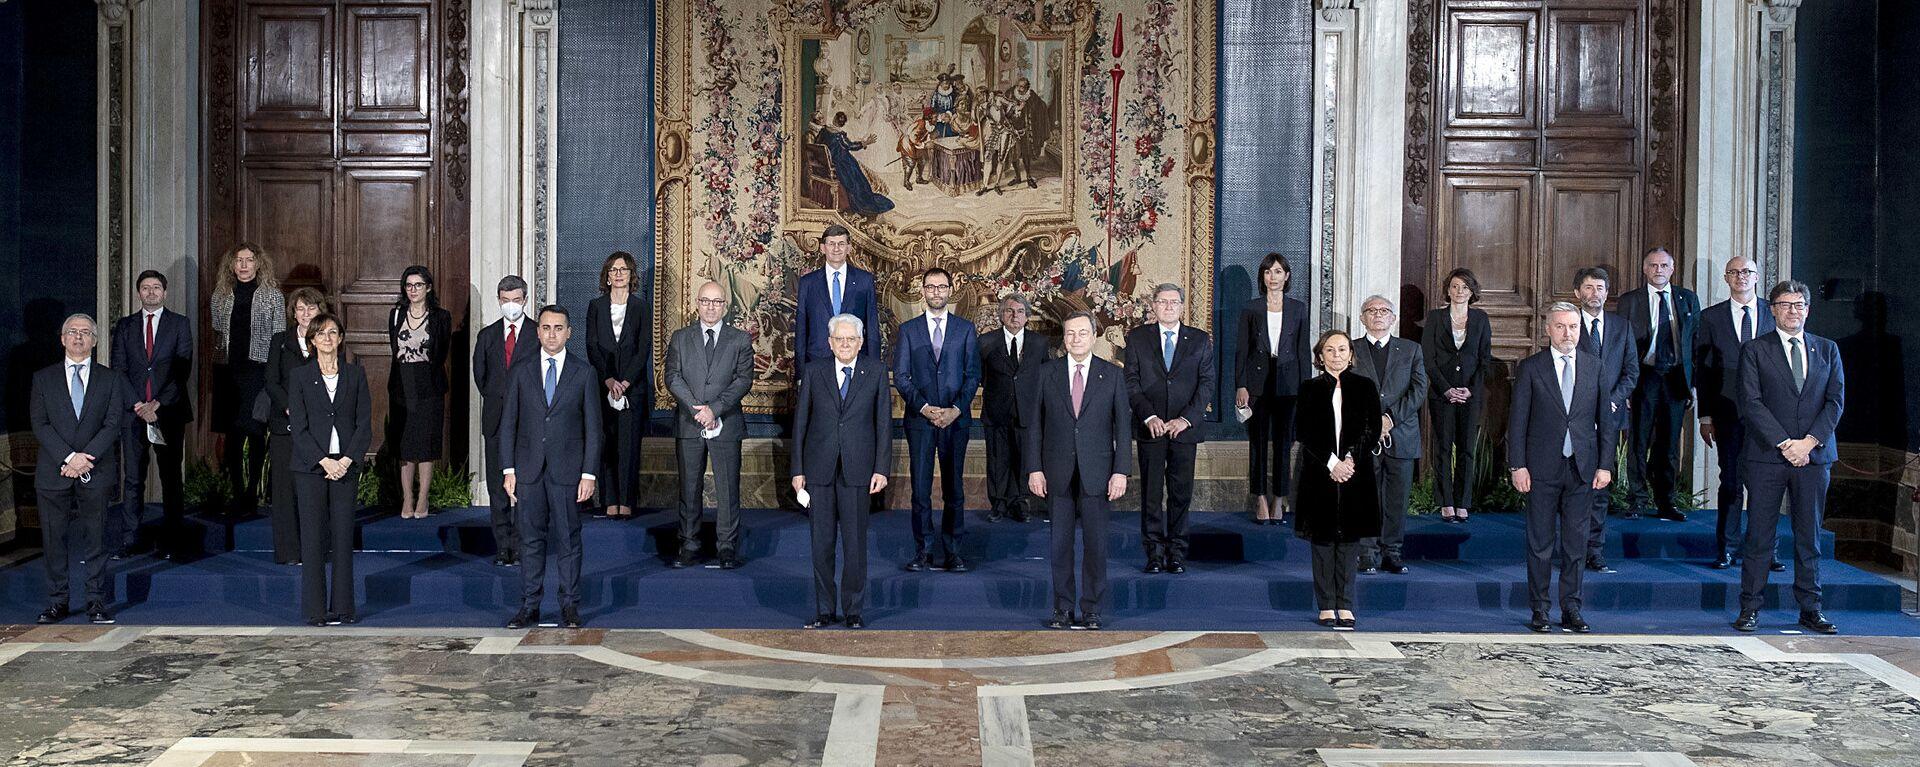 Roma - Il Presidente della Repubblica Sergio Mattarella e il Presidente del Consiglio Mario Draghi con il nuovo Governo,13 febbraio 2021 - Sputnik Italia, 1920, 16.02.2021